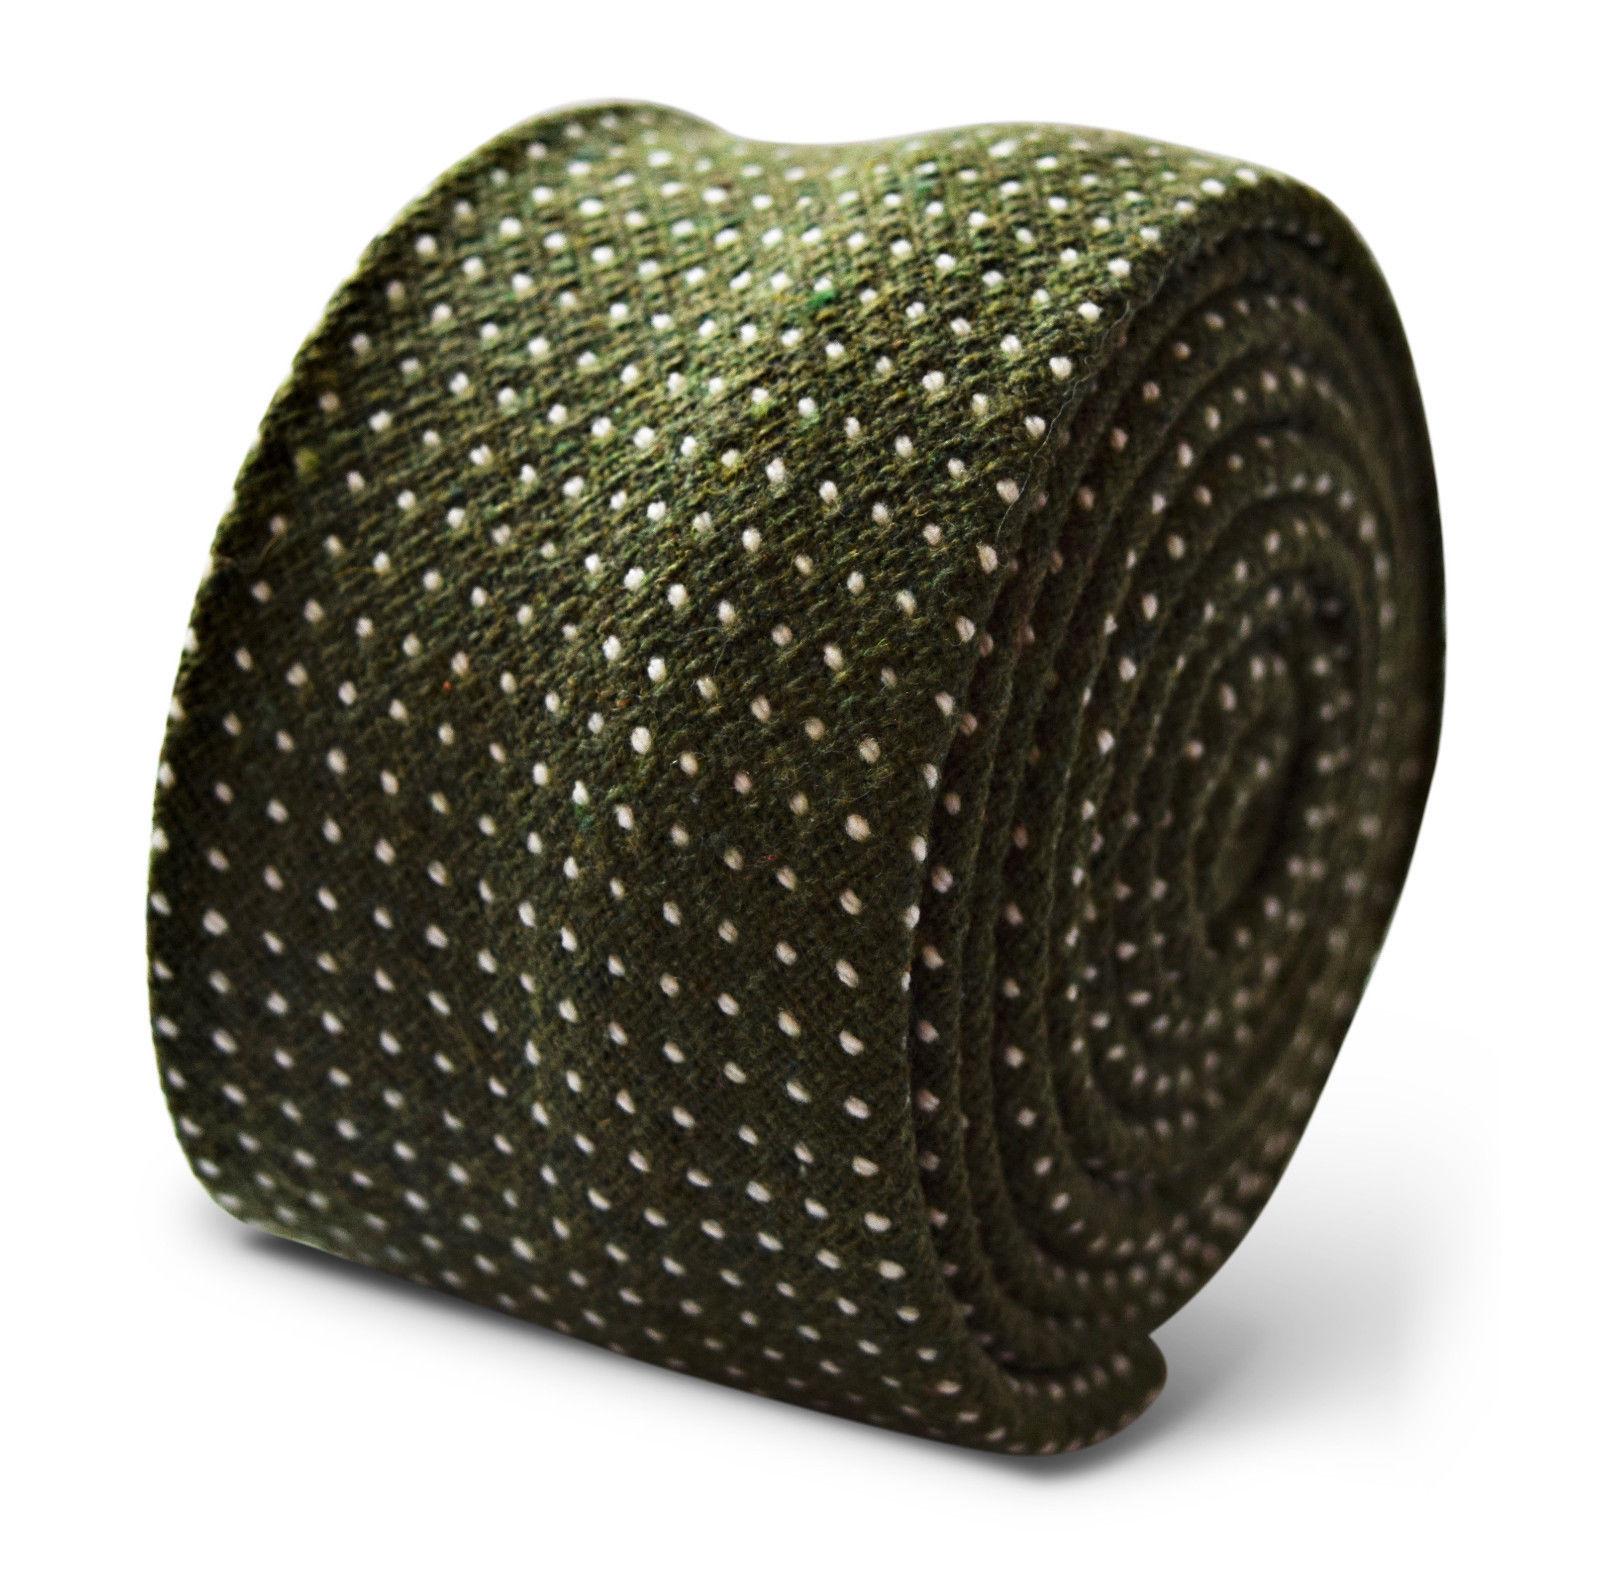 Frederick Thomas Dunkel Flasche grün und weiß Punkte 100% Wolle Herren Krawatte